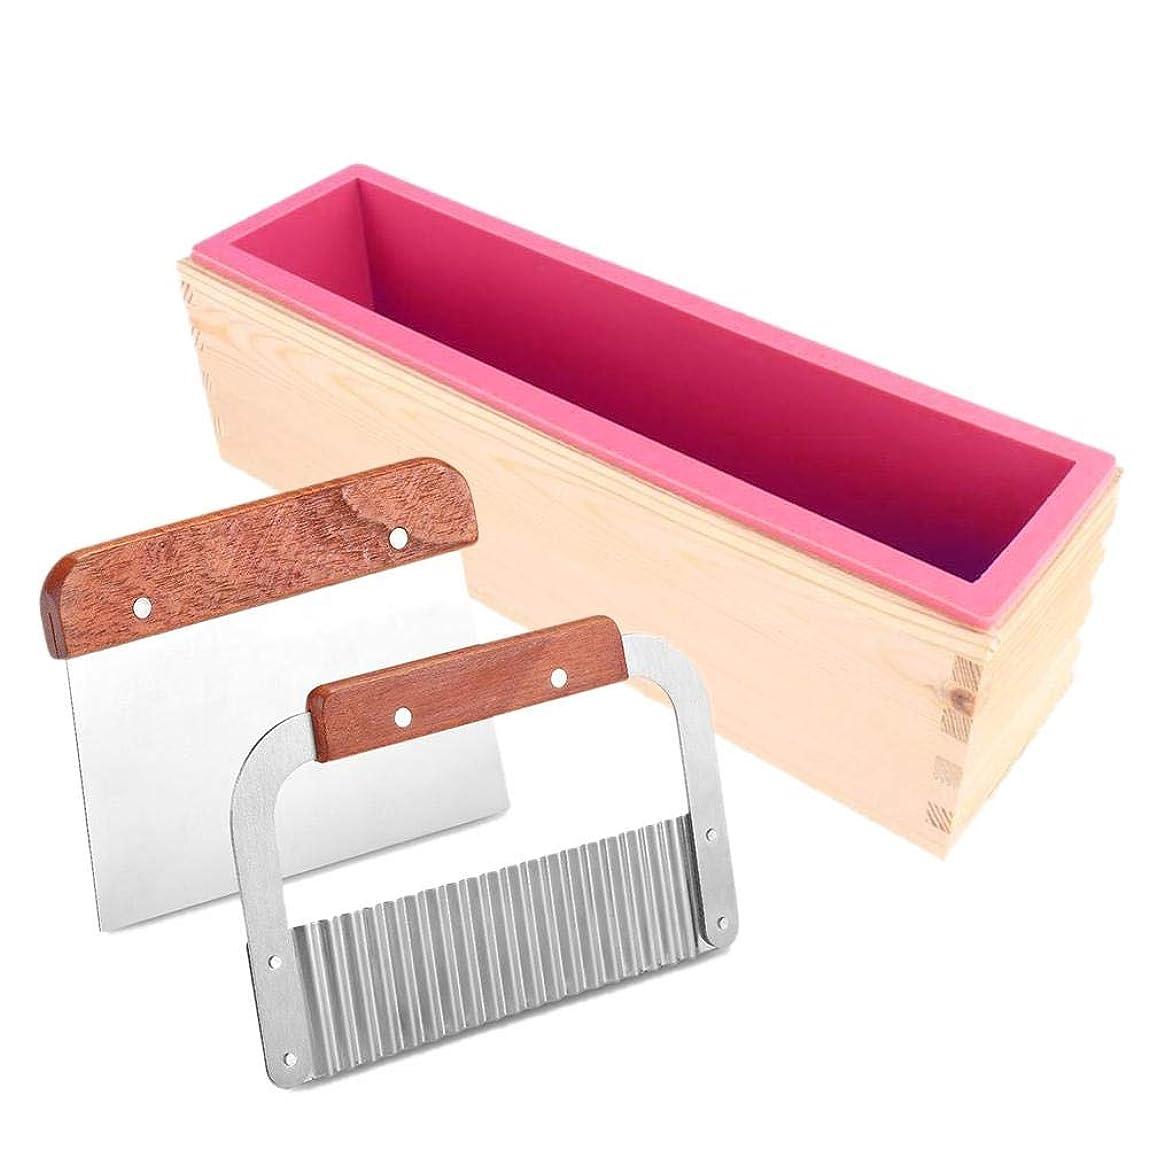 ベジタリアン未接続ネクタイRagemのシリコーンの石鹸型 - 自家製の石鹸の作成のための2Pcsカッターの皮むき器が付いている長方形の木箱の石鹸の作成型